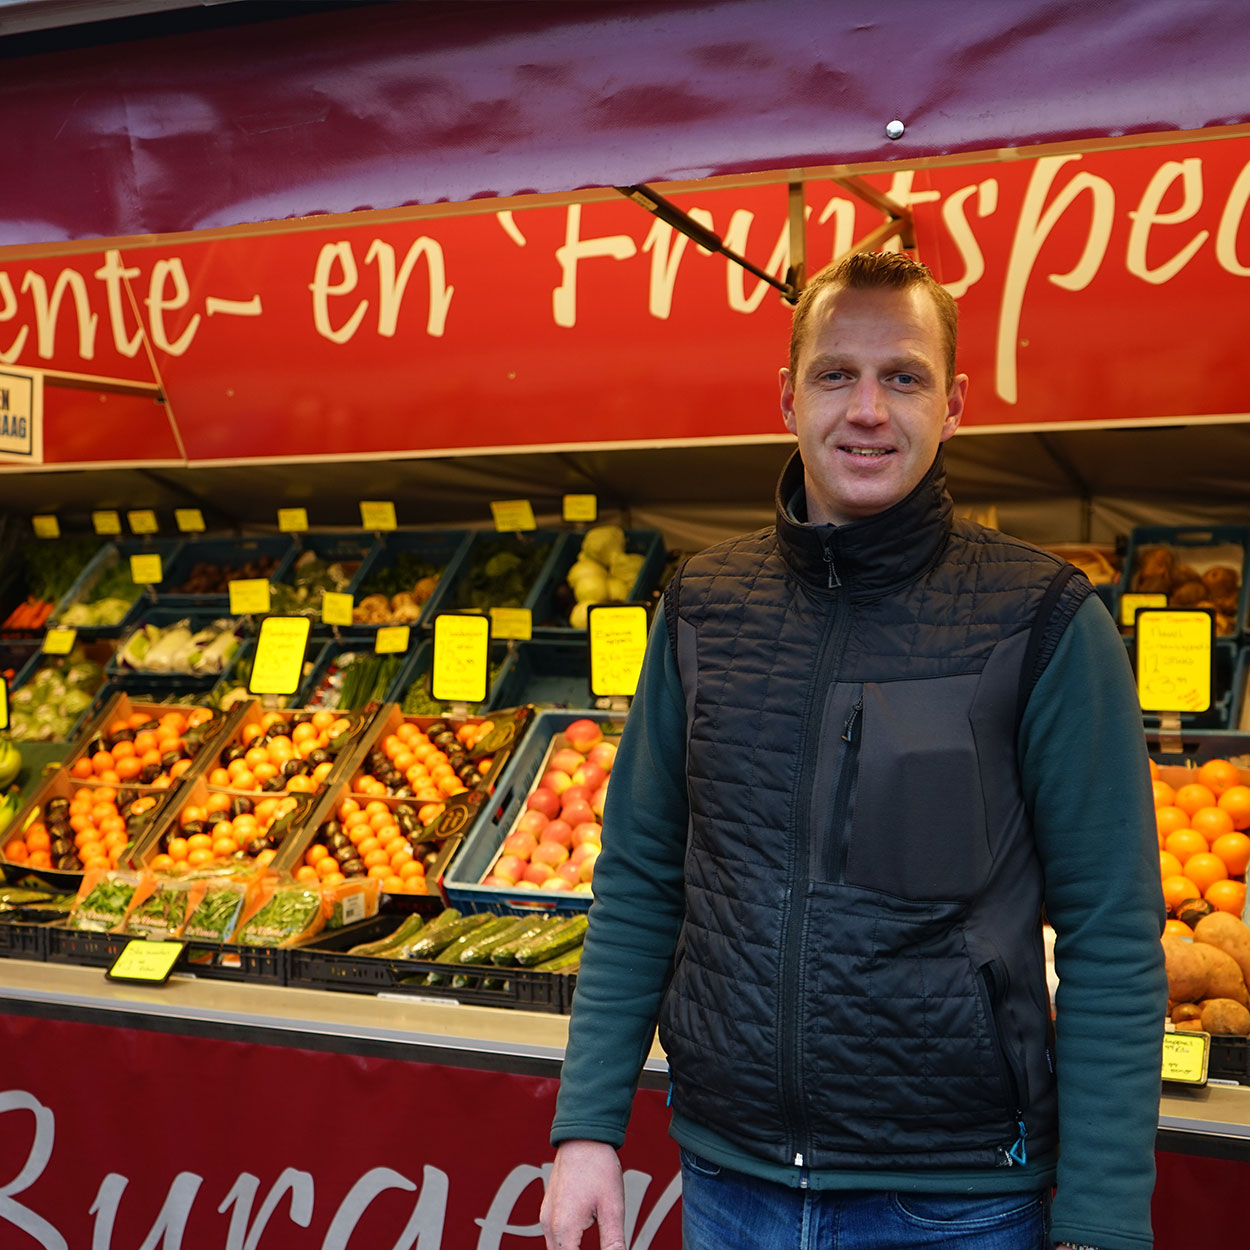 H. Burgers Groente- en Fruitspecialist